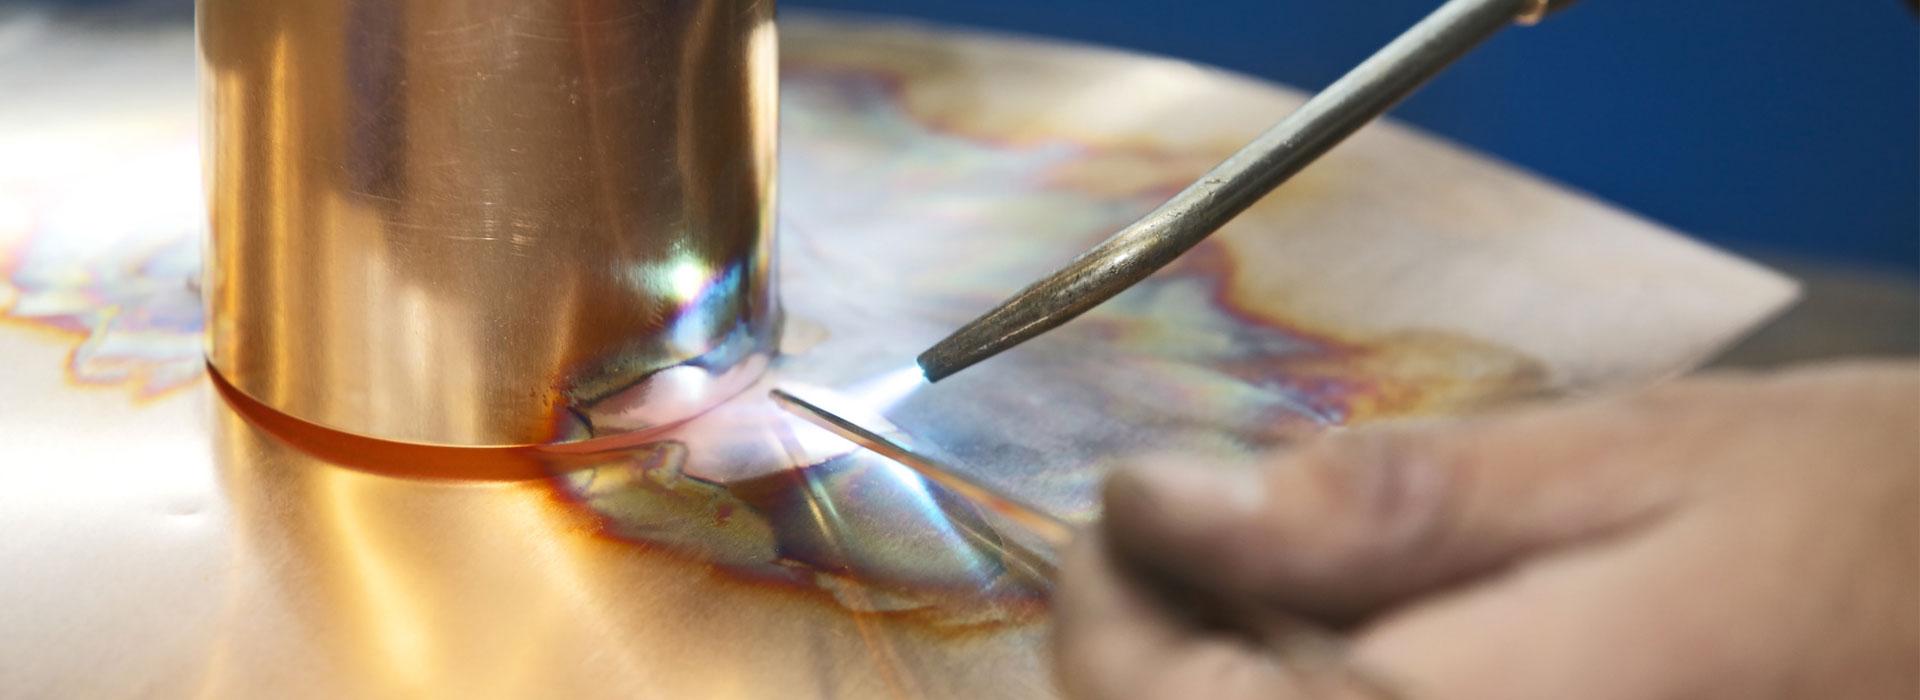 Saldatura su acciaio inox, ferro e alluminio